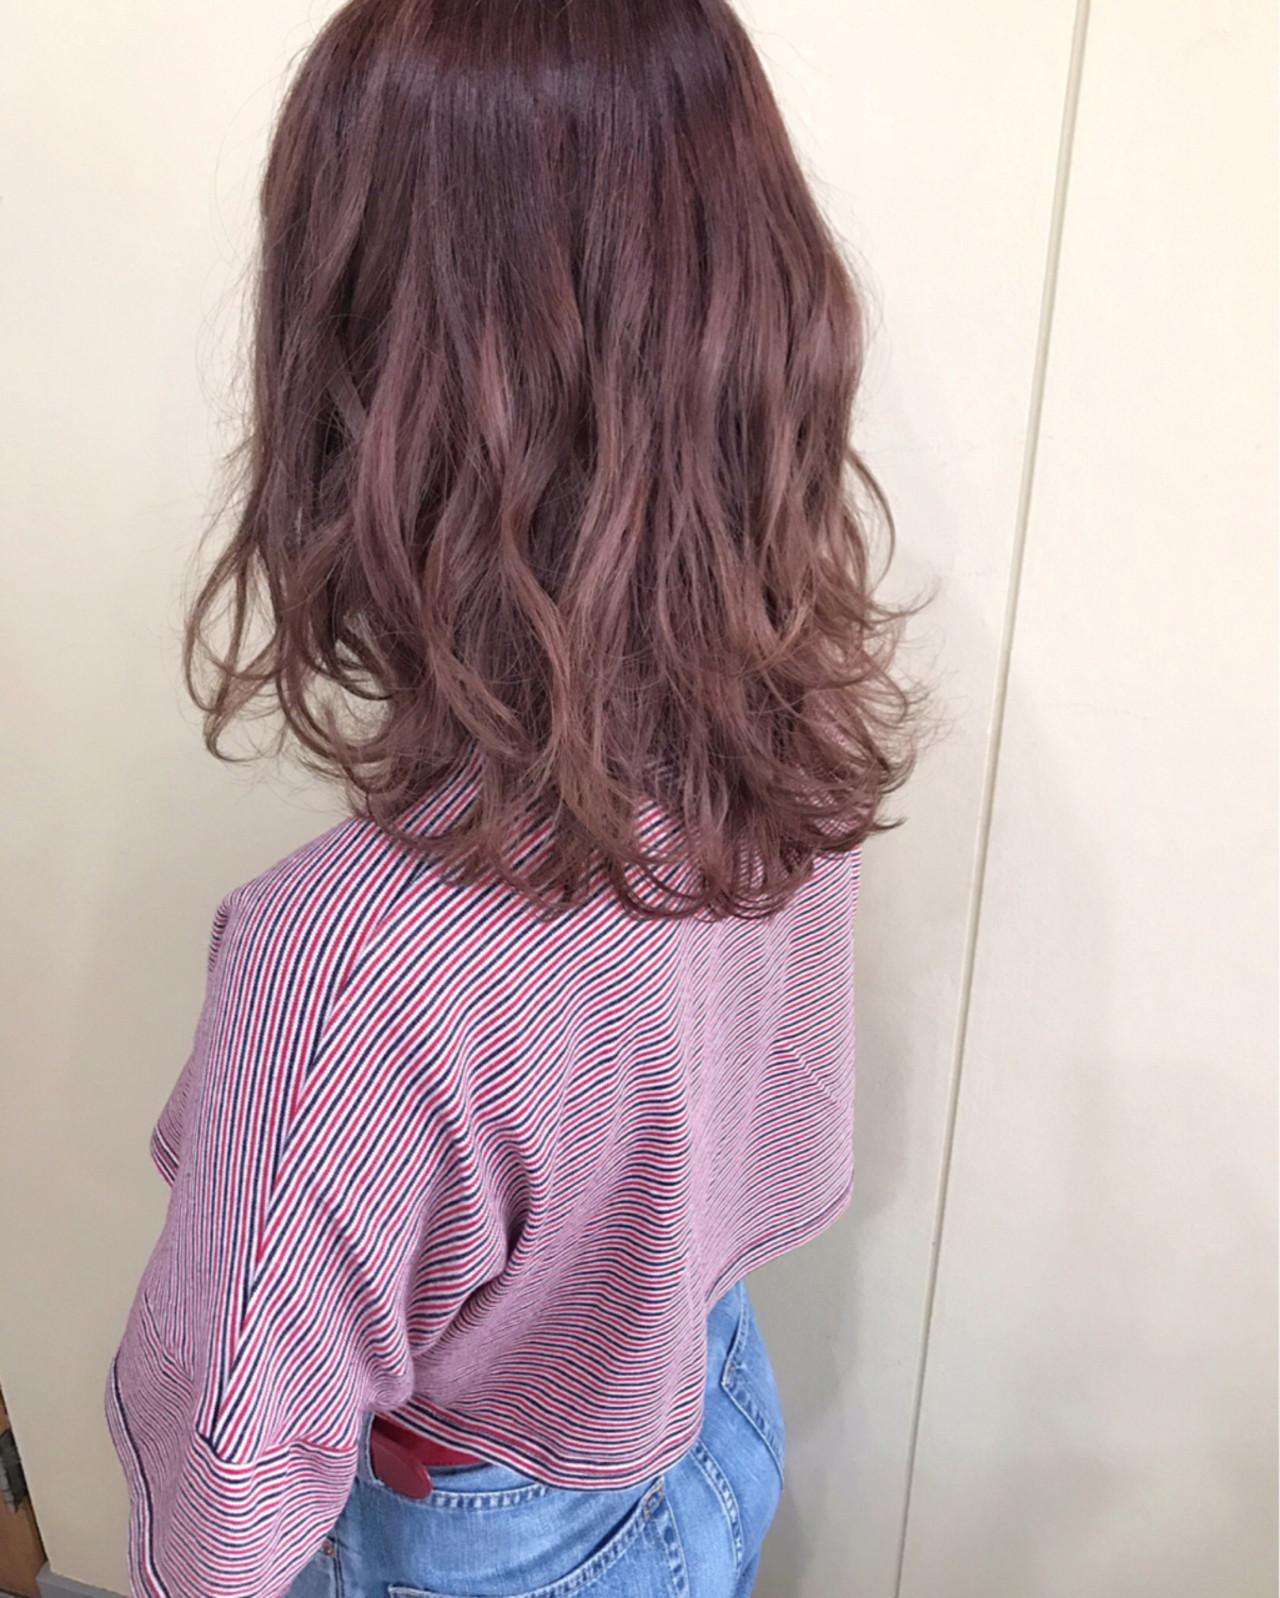 レッド・ピンク・パープル系カラー・ミディアム サワ